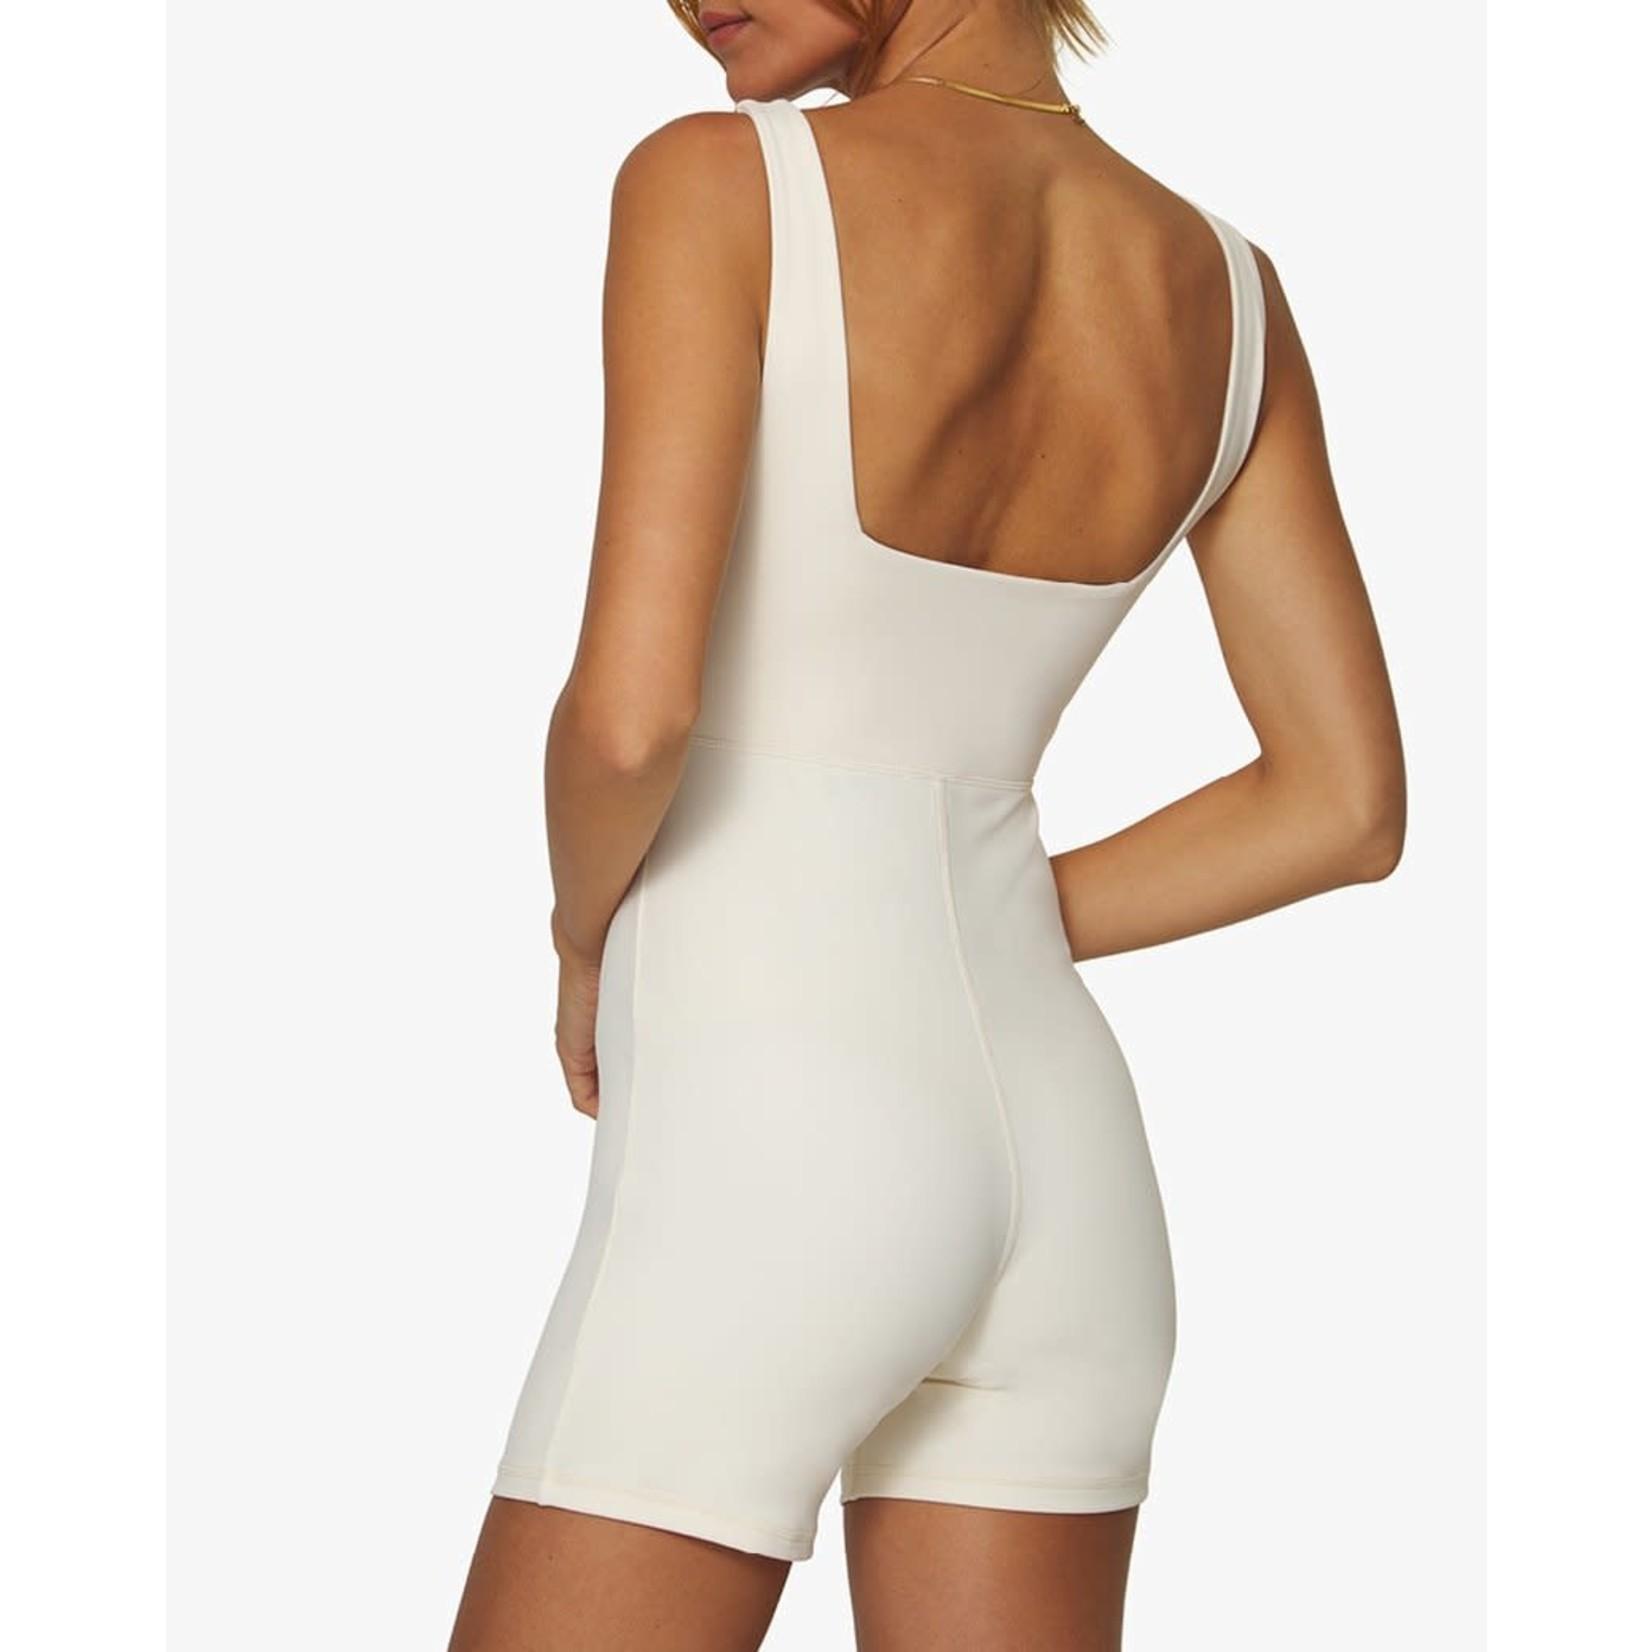 Shop WeWoreWhat Cutout Bodysuit